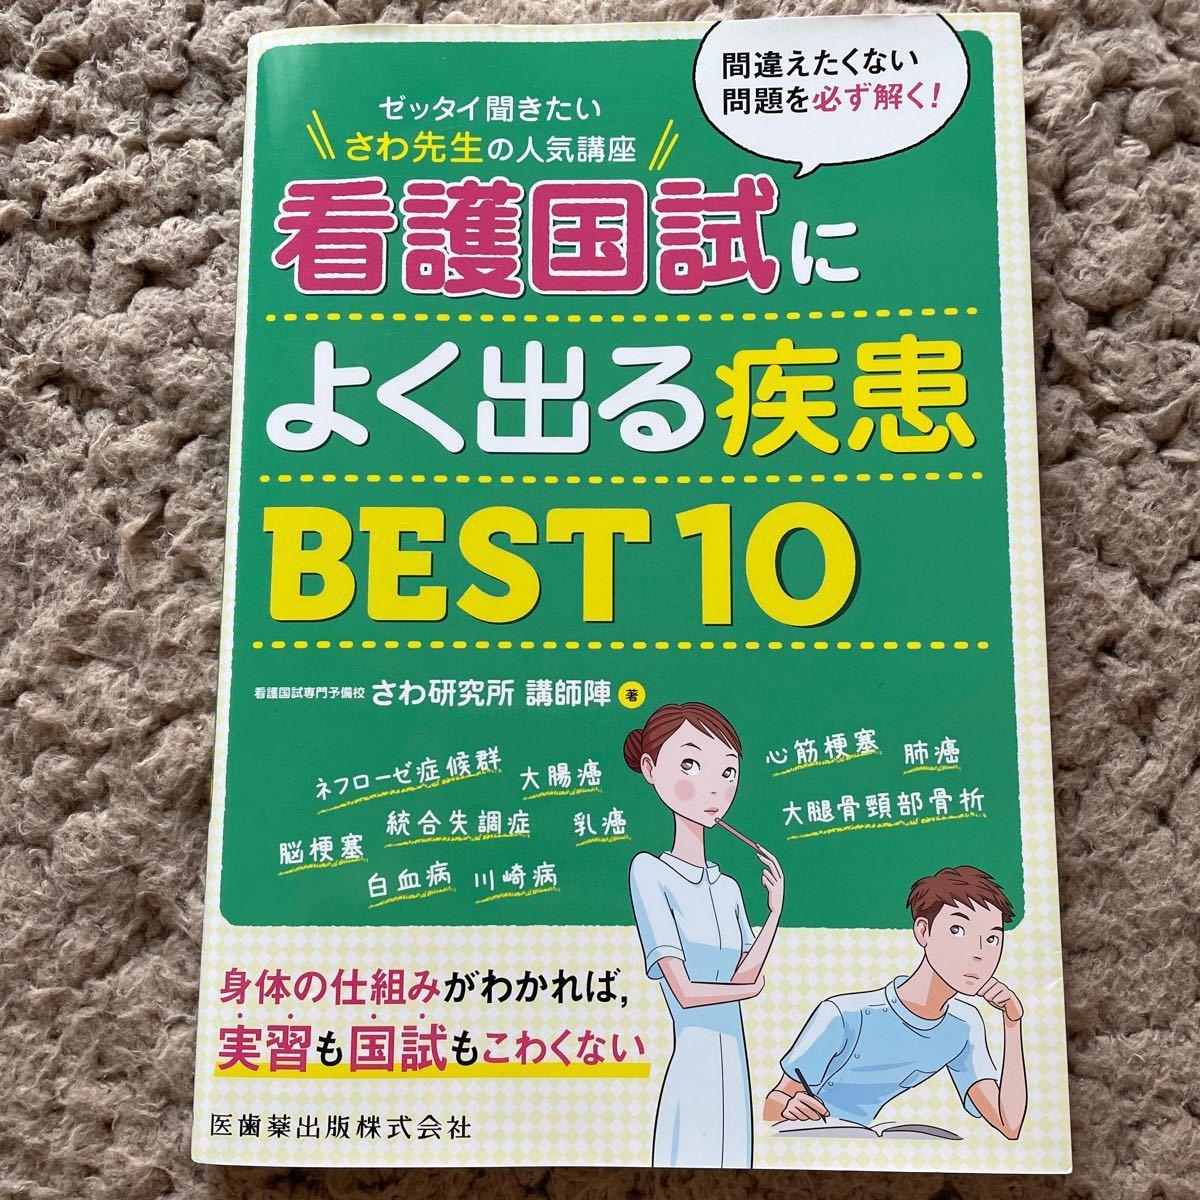 看護国試によく出る疾患BEST10 ゼッタイ聞きたいさわ先生の人気講座/さわ研究所講師陣 著